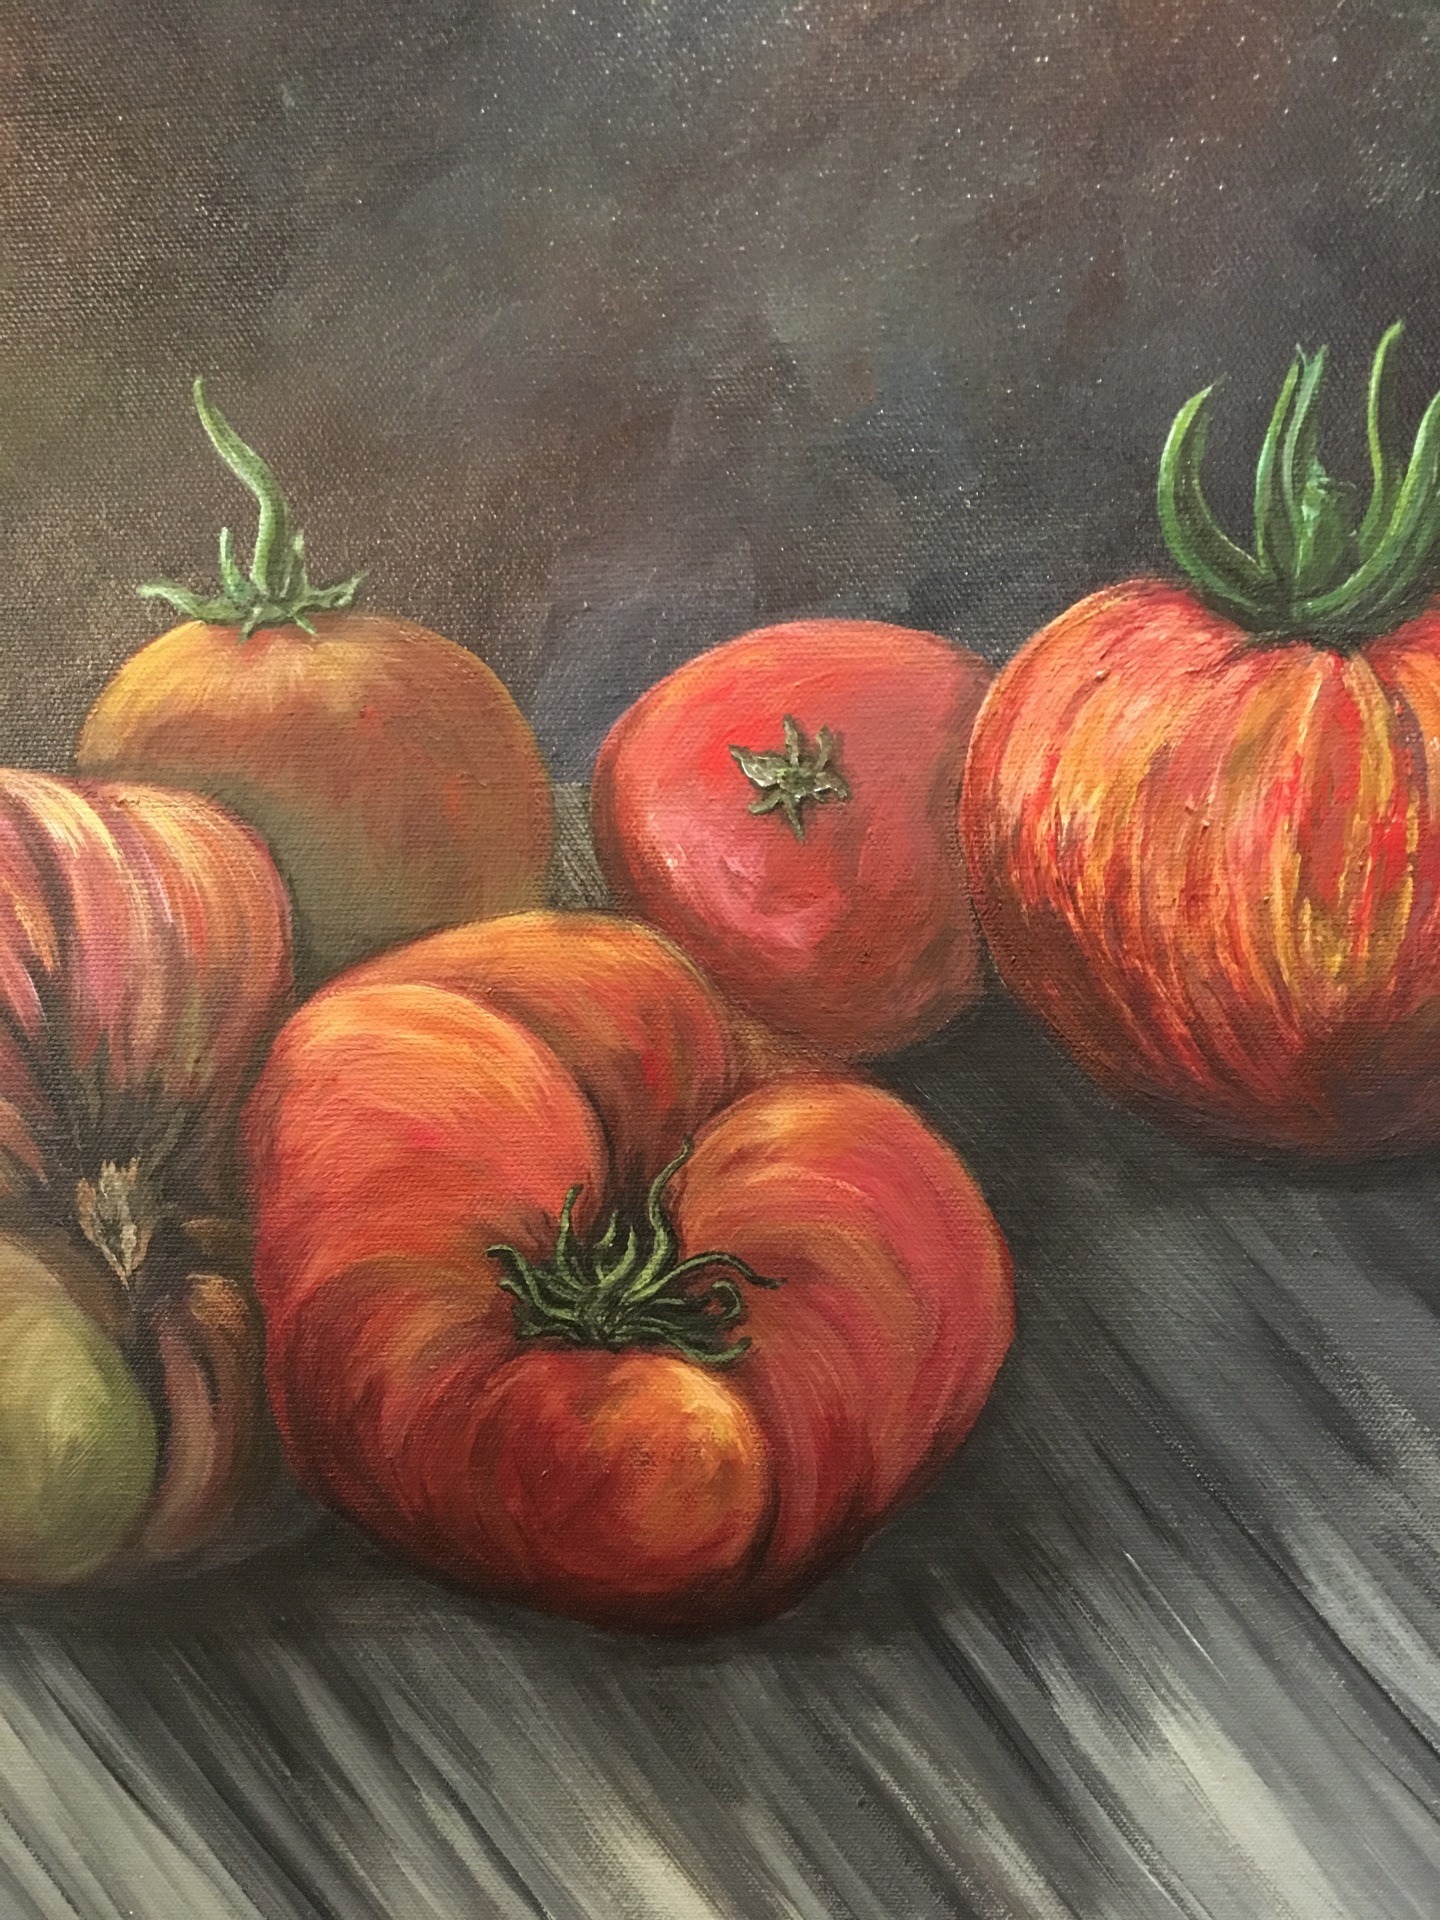 Heirlooms, tomatoes, acrylic on canvas, original by Artist Mindy Lichter.  MLICHTER fINE ART dESIGN.